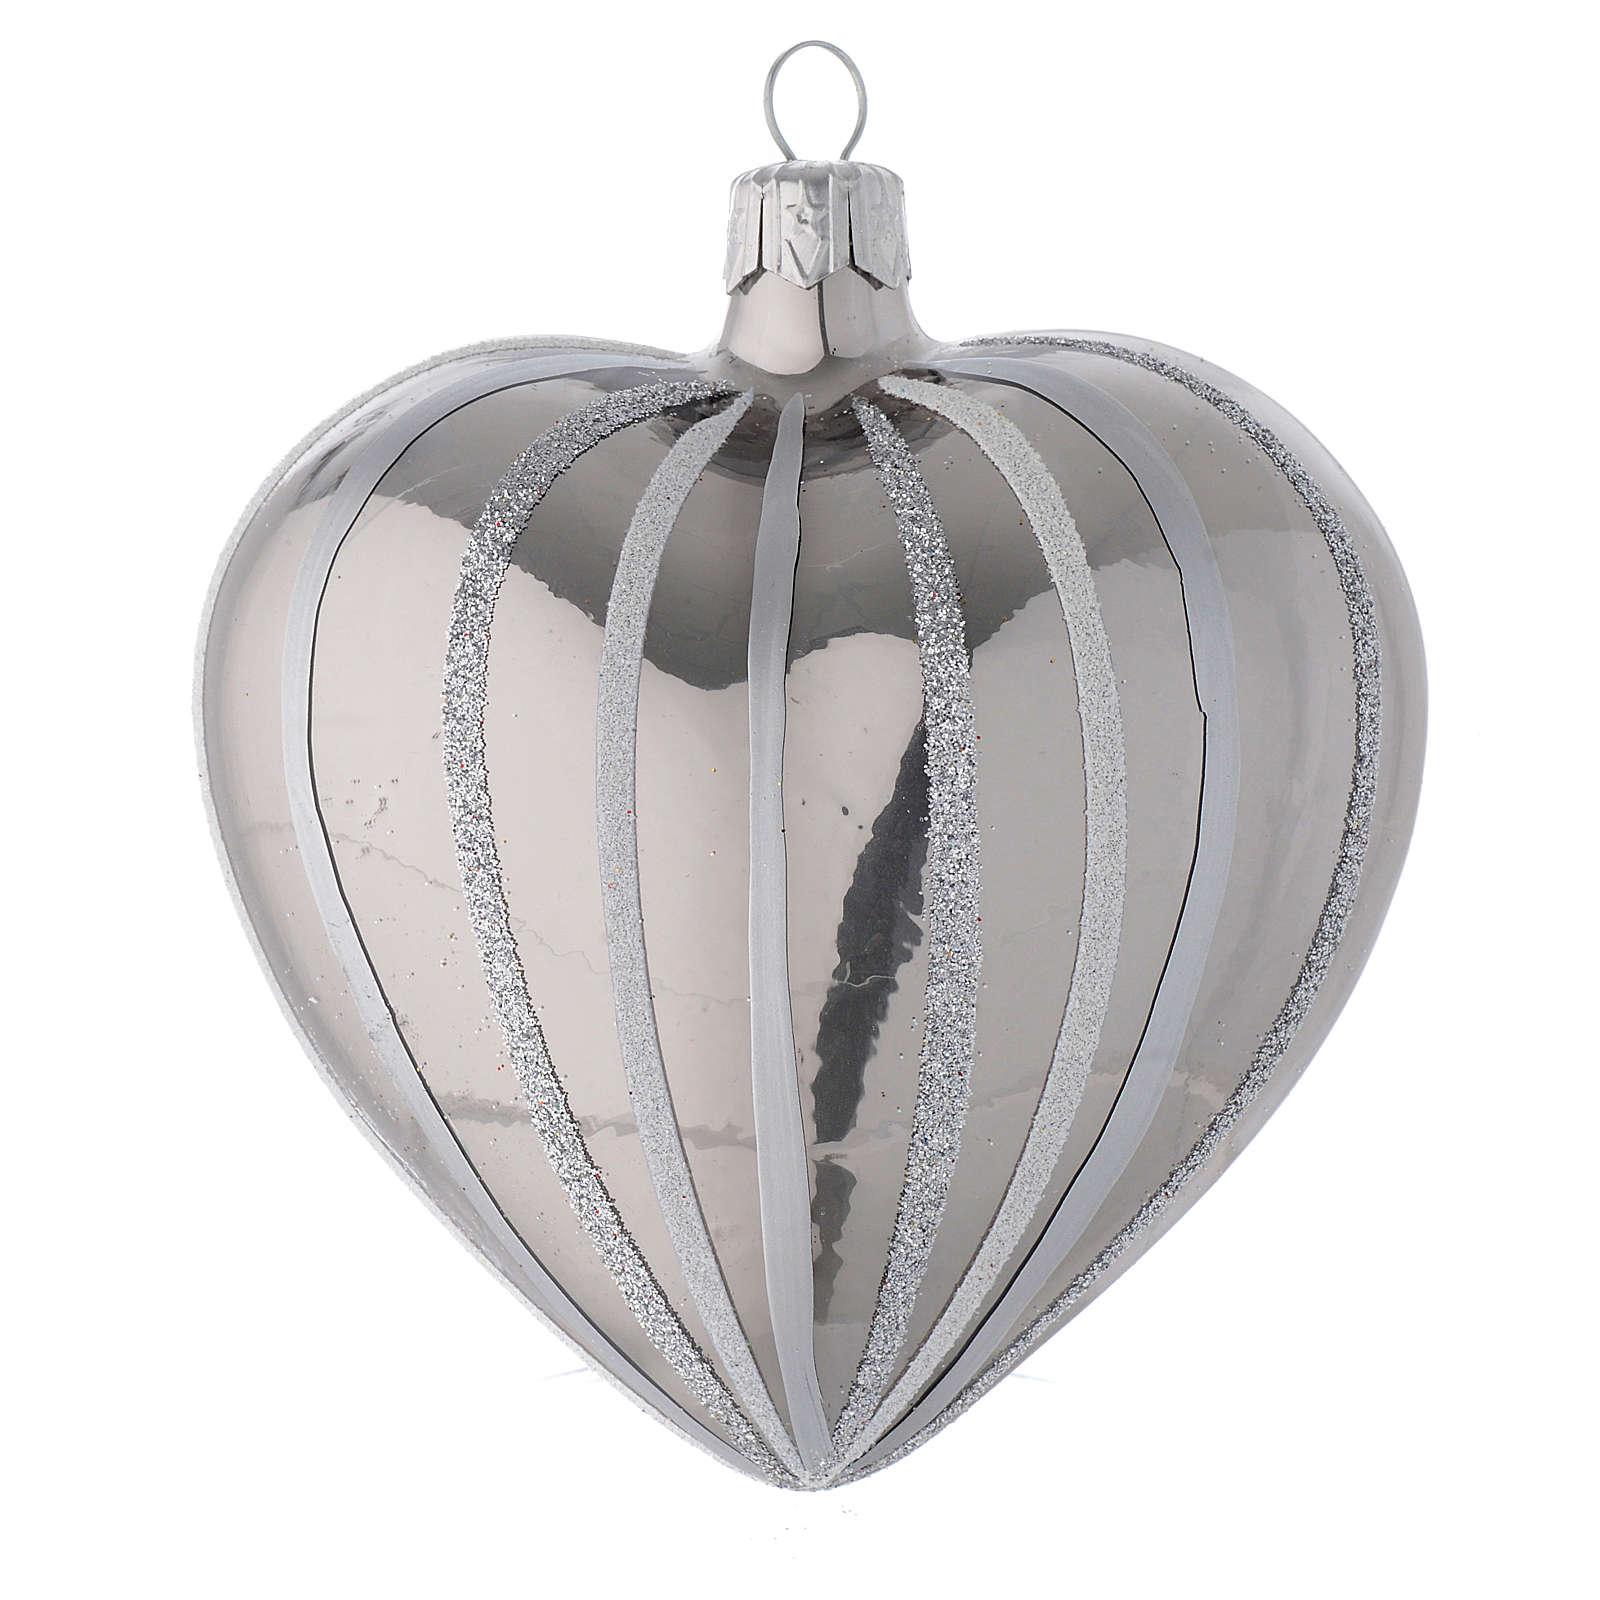 Décor coeur verre soufflé argent rayures 100 mm 4